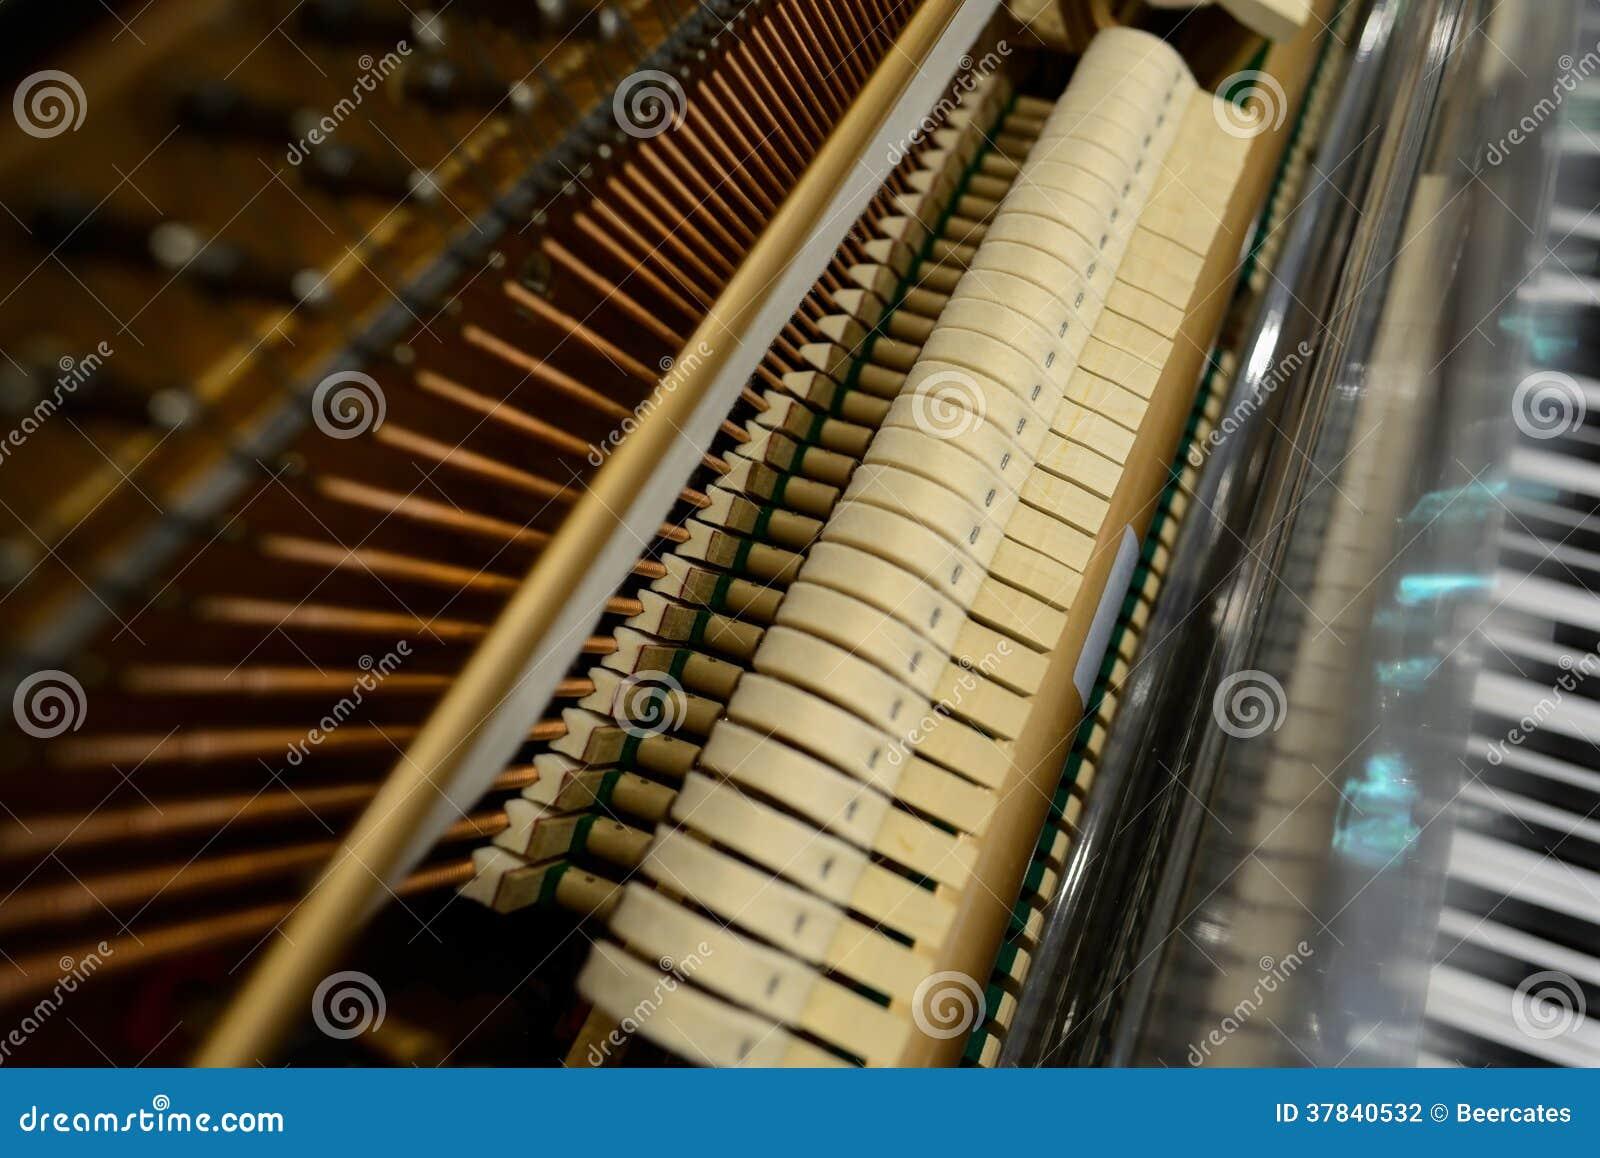 Innere Struktur Des Klaviers Stockfoto - Bild von draht, inside ...